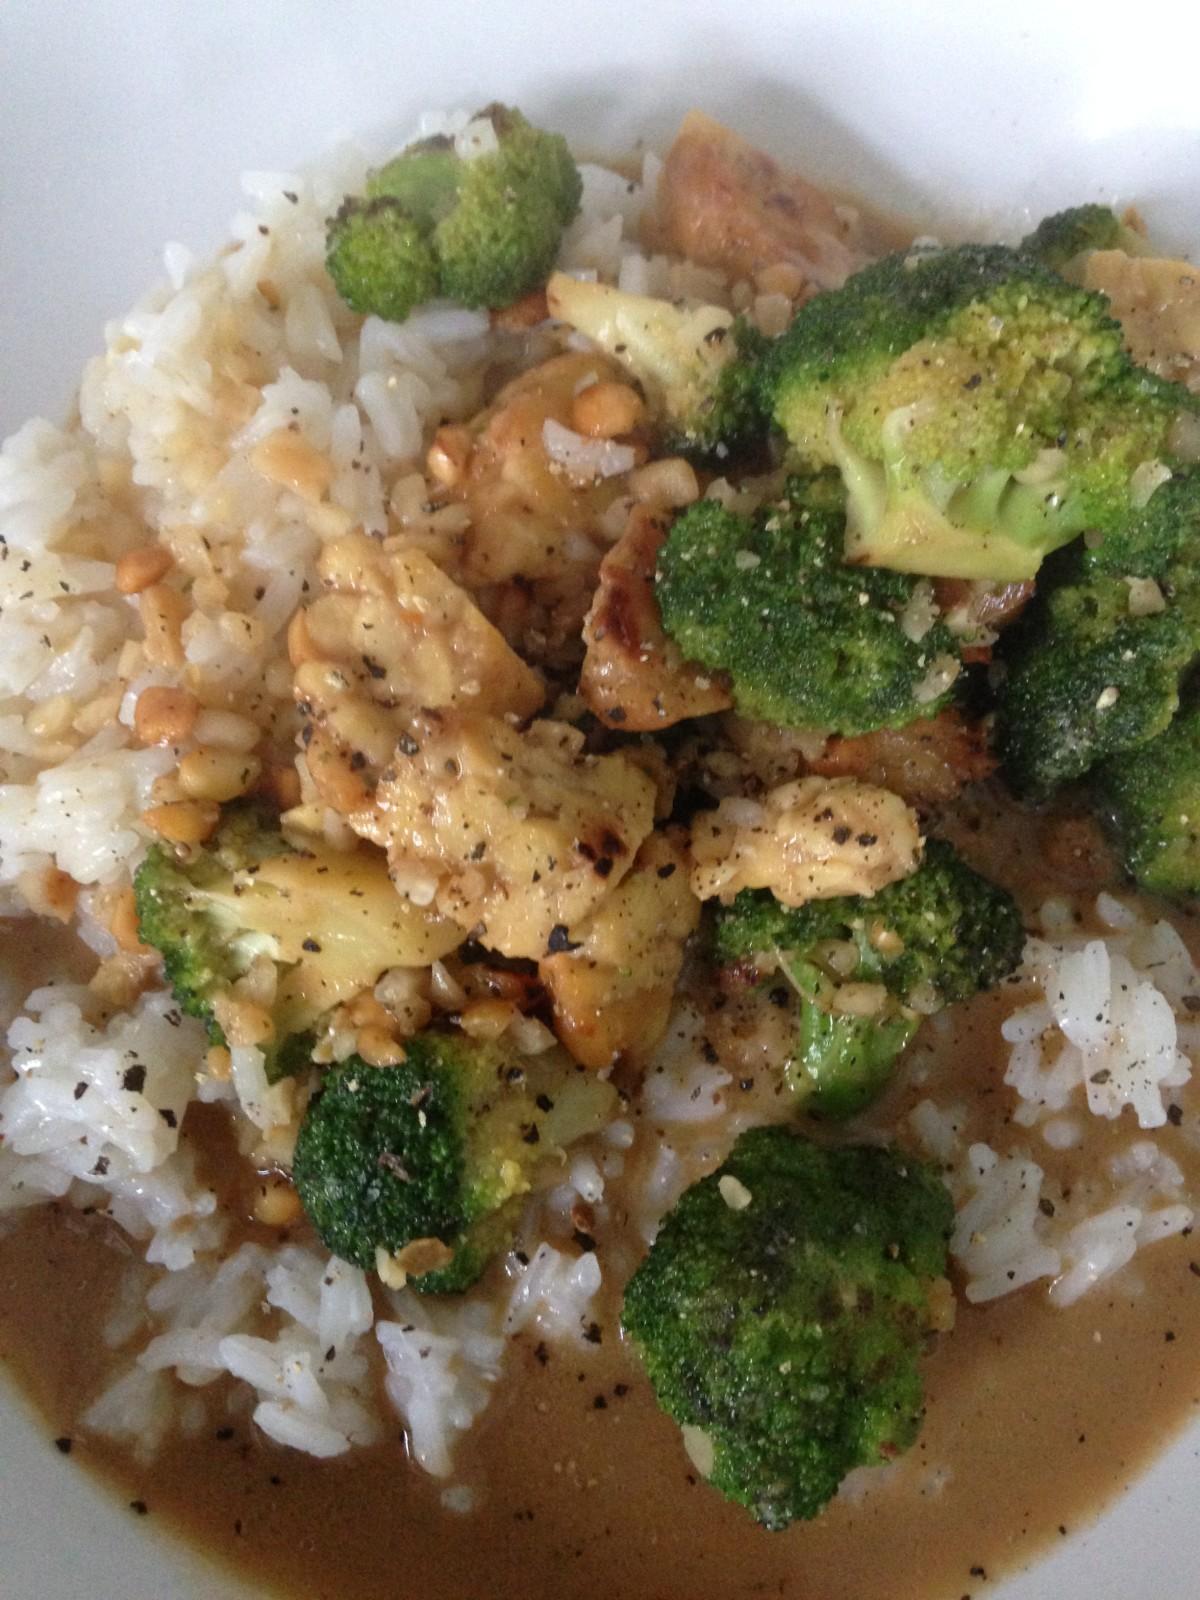 Einfach und lecker: Vegane Tempeh-Erdnusspfanne mit Brokkoli und Reis